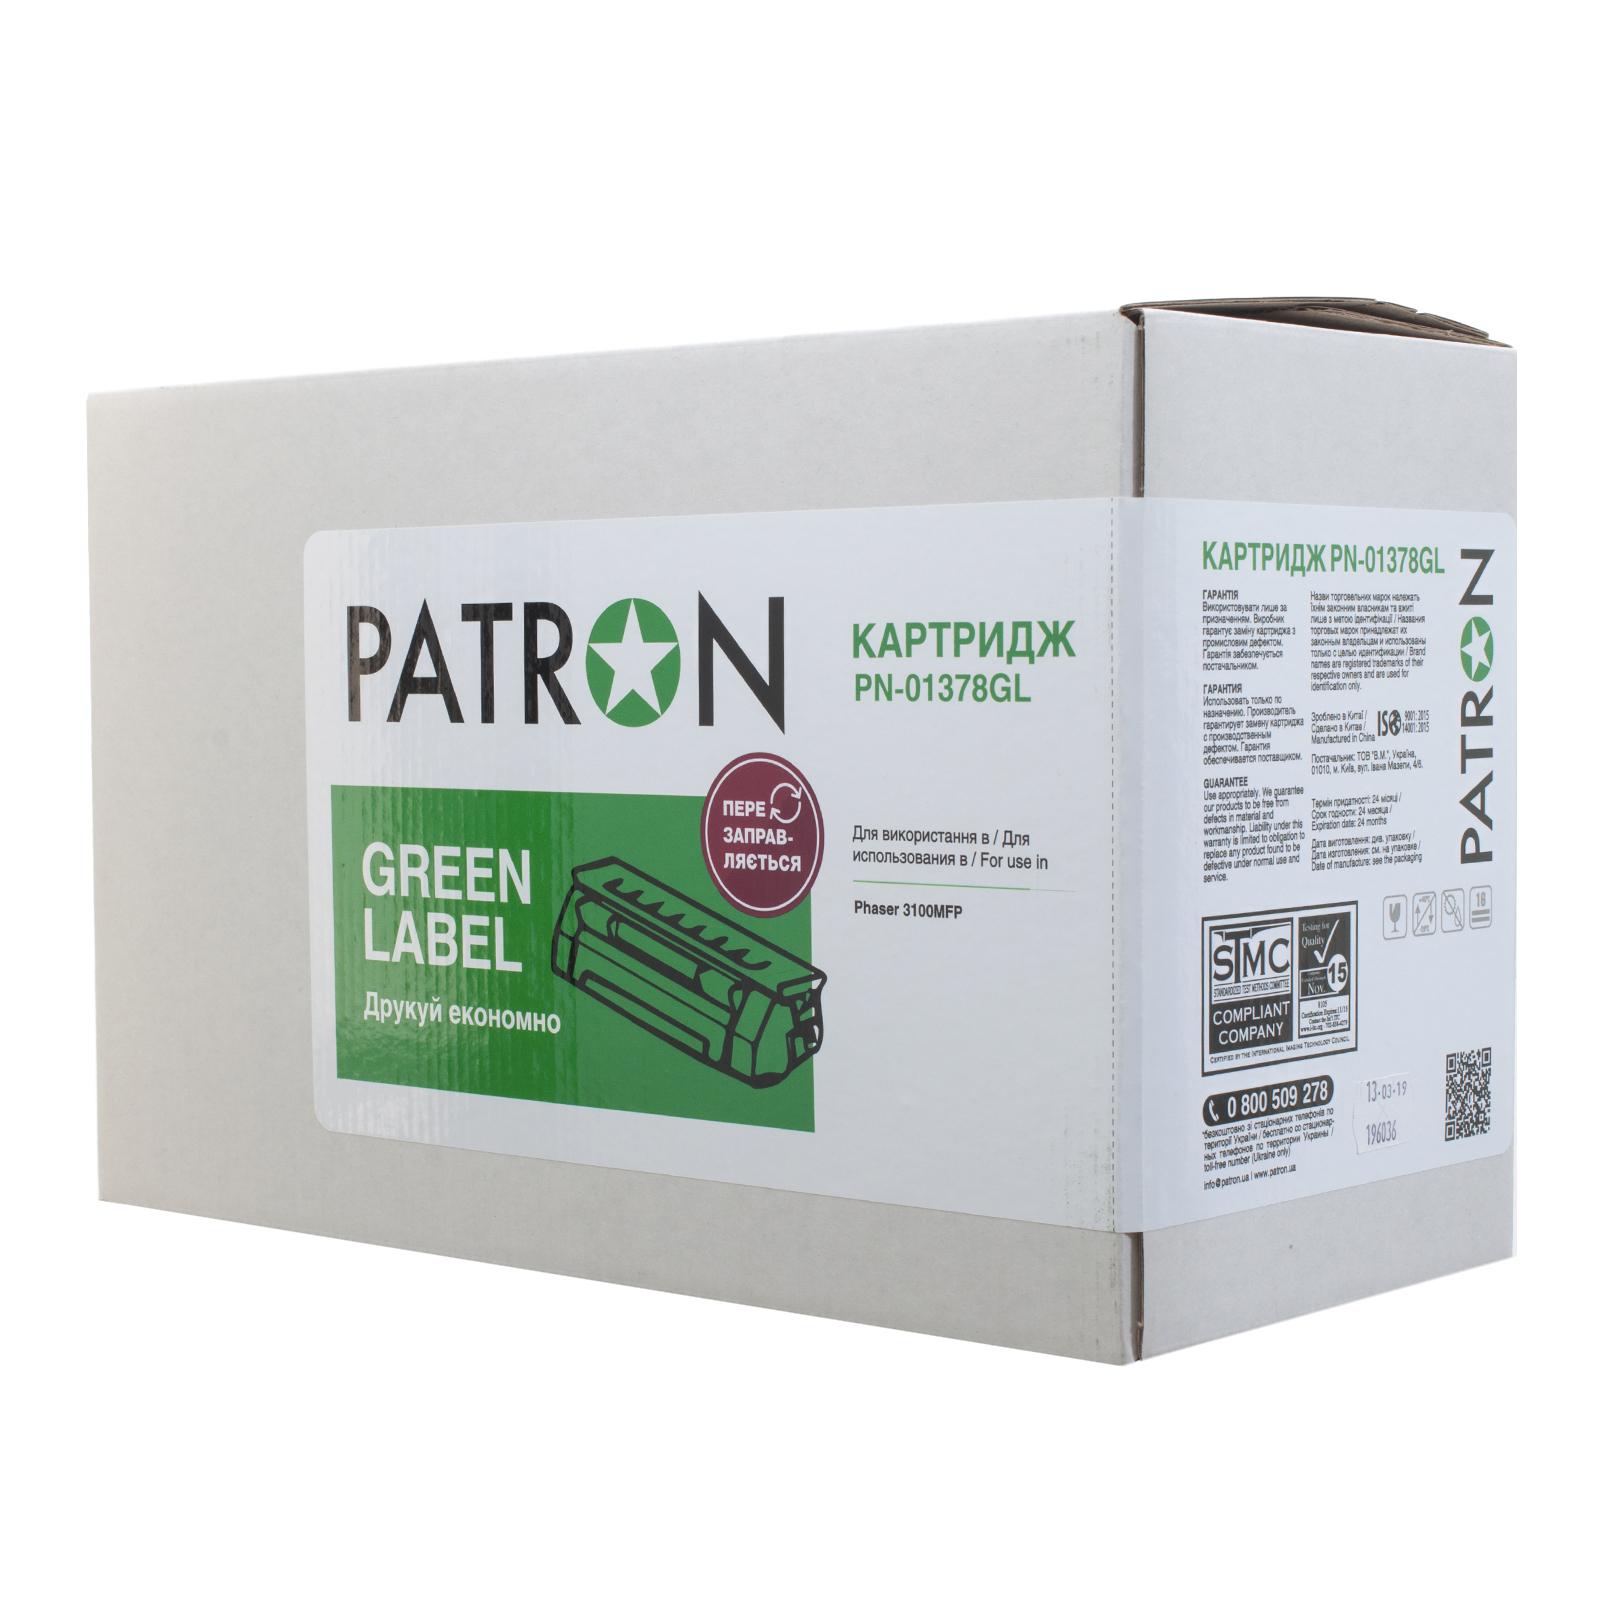 Картридж Patron XEROX Ph/3100MFP 106R01378 GREEN Label (PN-01378GL)